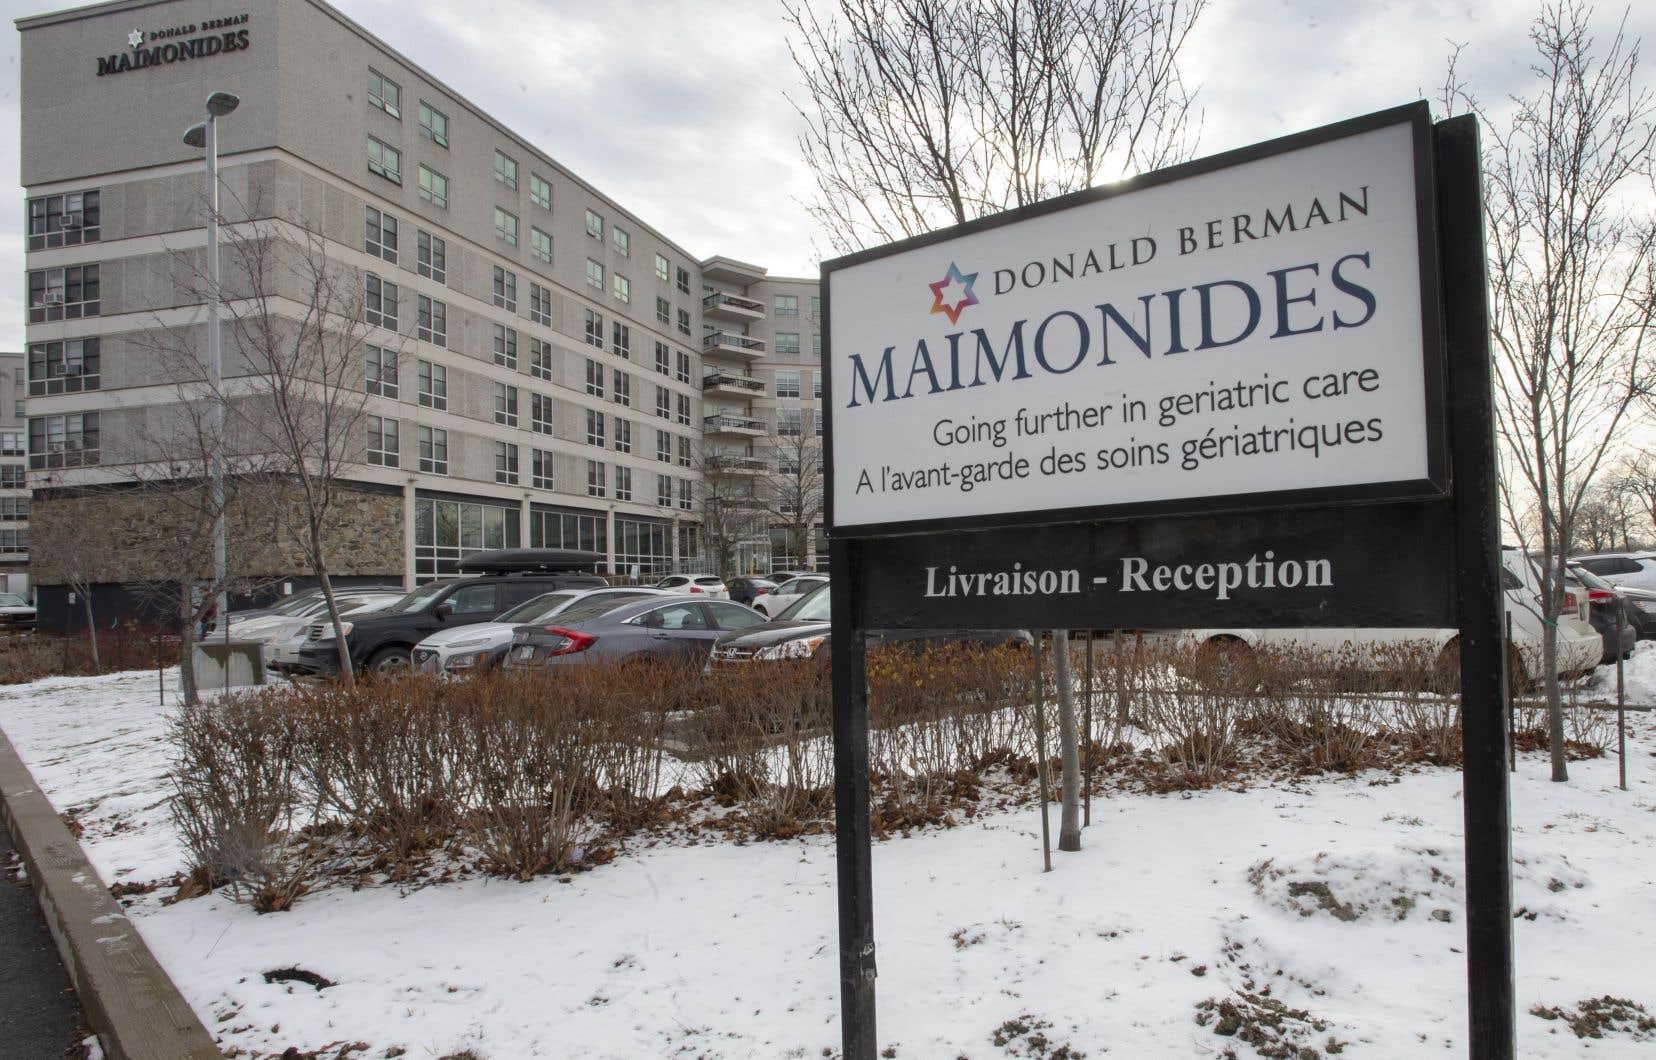 Le Centre gériatrique Maimonides à Côte-Saint-Luc, sur l'île de Montréal, sera l'un des premiers établissements à recevoir le vaccin contre la COVID-19 au Québec.